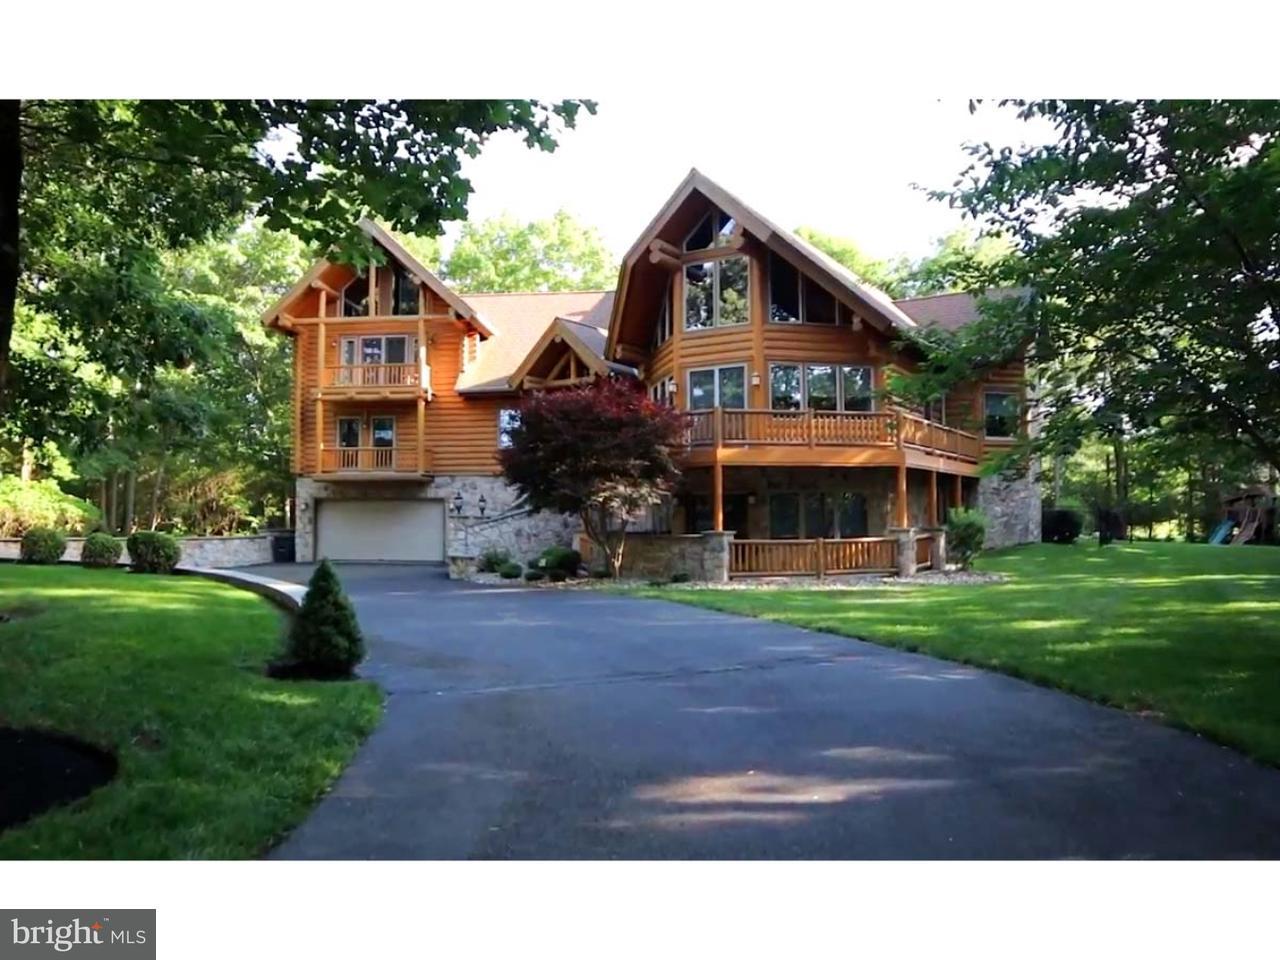 Частный односемейный дом для того Продажа на 111 RUNNING DEER Trail Pittsgrove, Нью-Джерси 08318 Соединенные Штаты